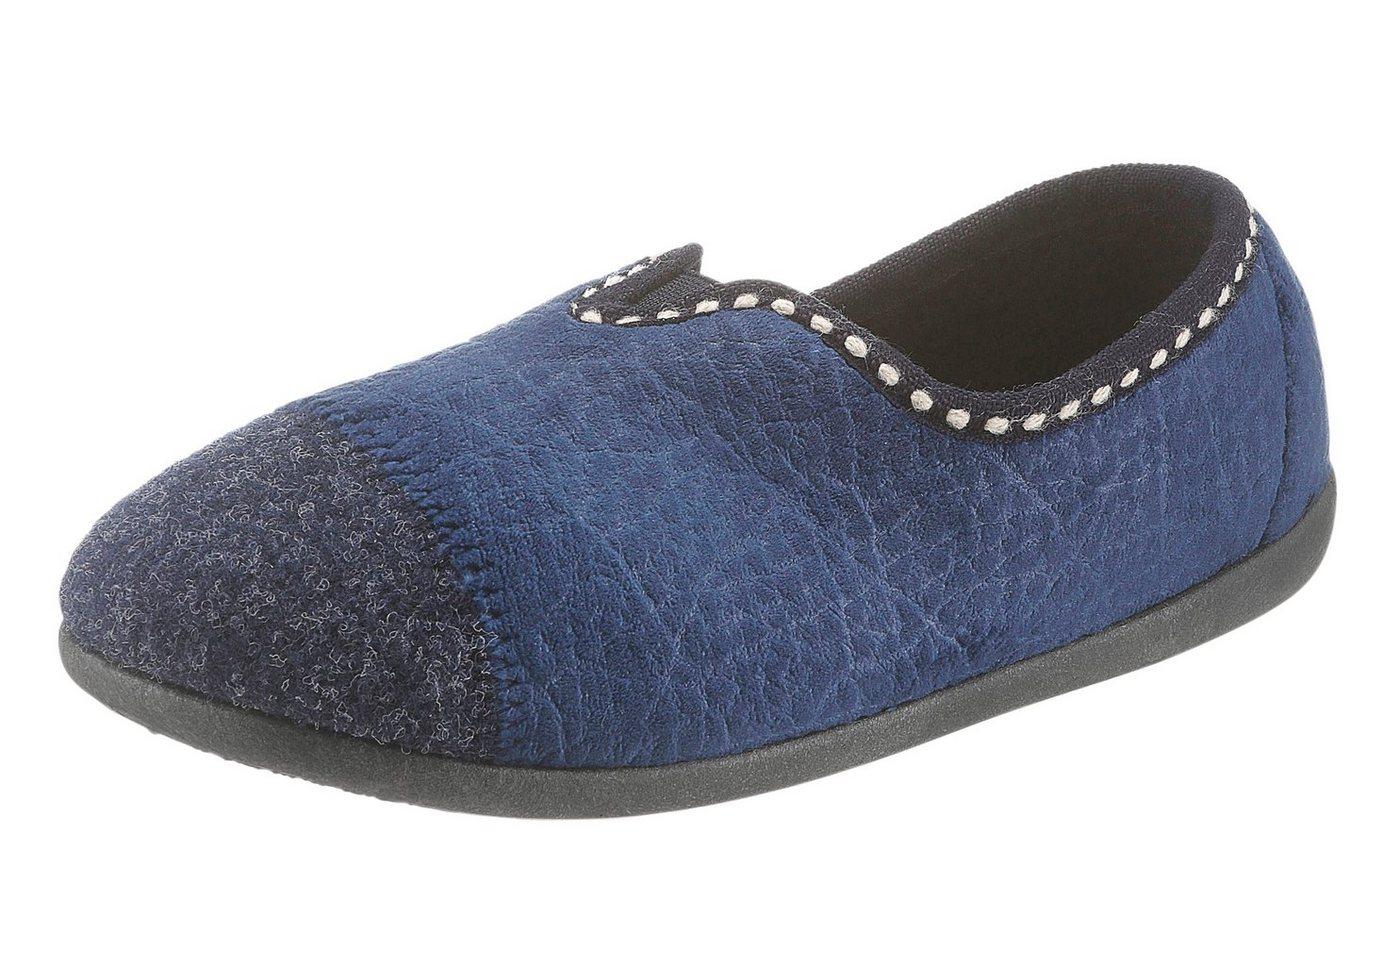 Casual Looks Hausschuh mit dämpfender Innensohle | Schuhe > Hausschuhe > Klassische Hausschuhe | Blau | Landgraf